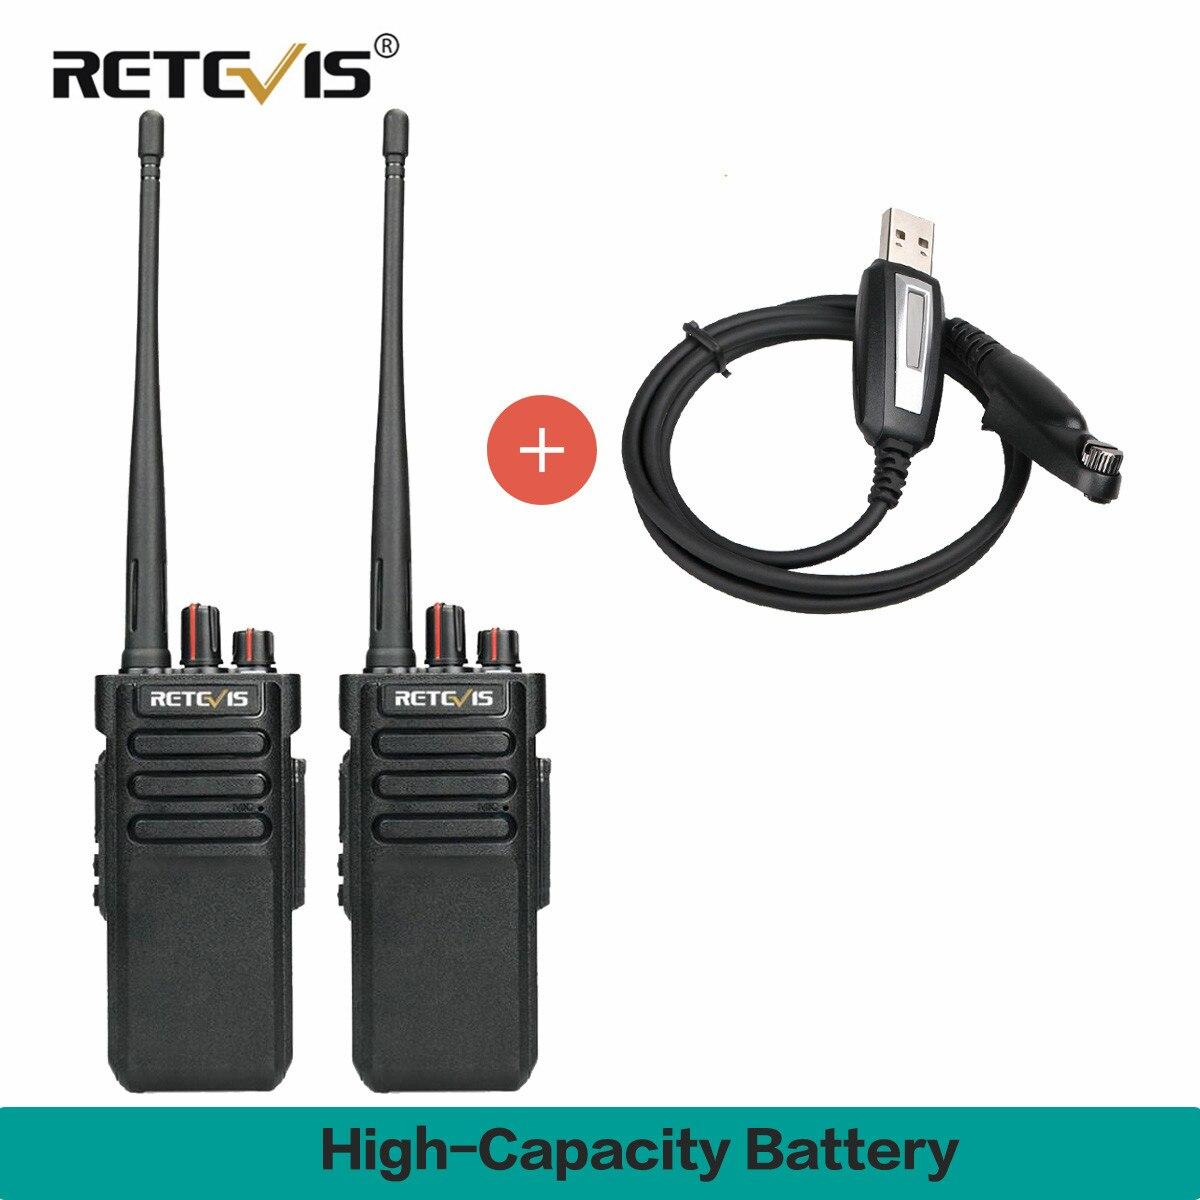 Une paire de talkie walkie RT29 haute puissance IP67 étanche UHF400 480MHz VOX TOT Scan 2 voies Radio HF émetteur récepteur + câble de programme-in Talkie Walkie from Téléphones portables et télécommunications on AliExpress - 11.11_Double 11_Singles' Day 1